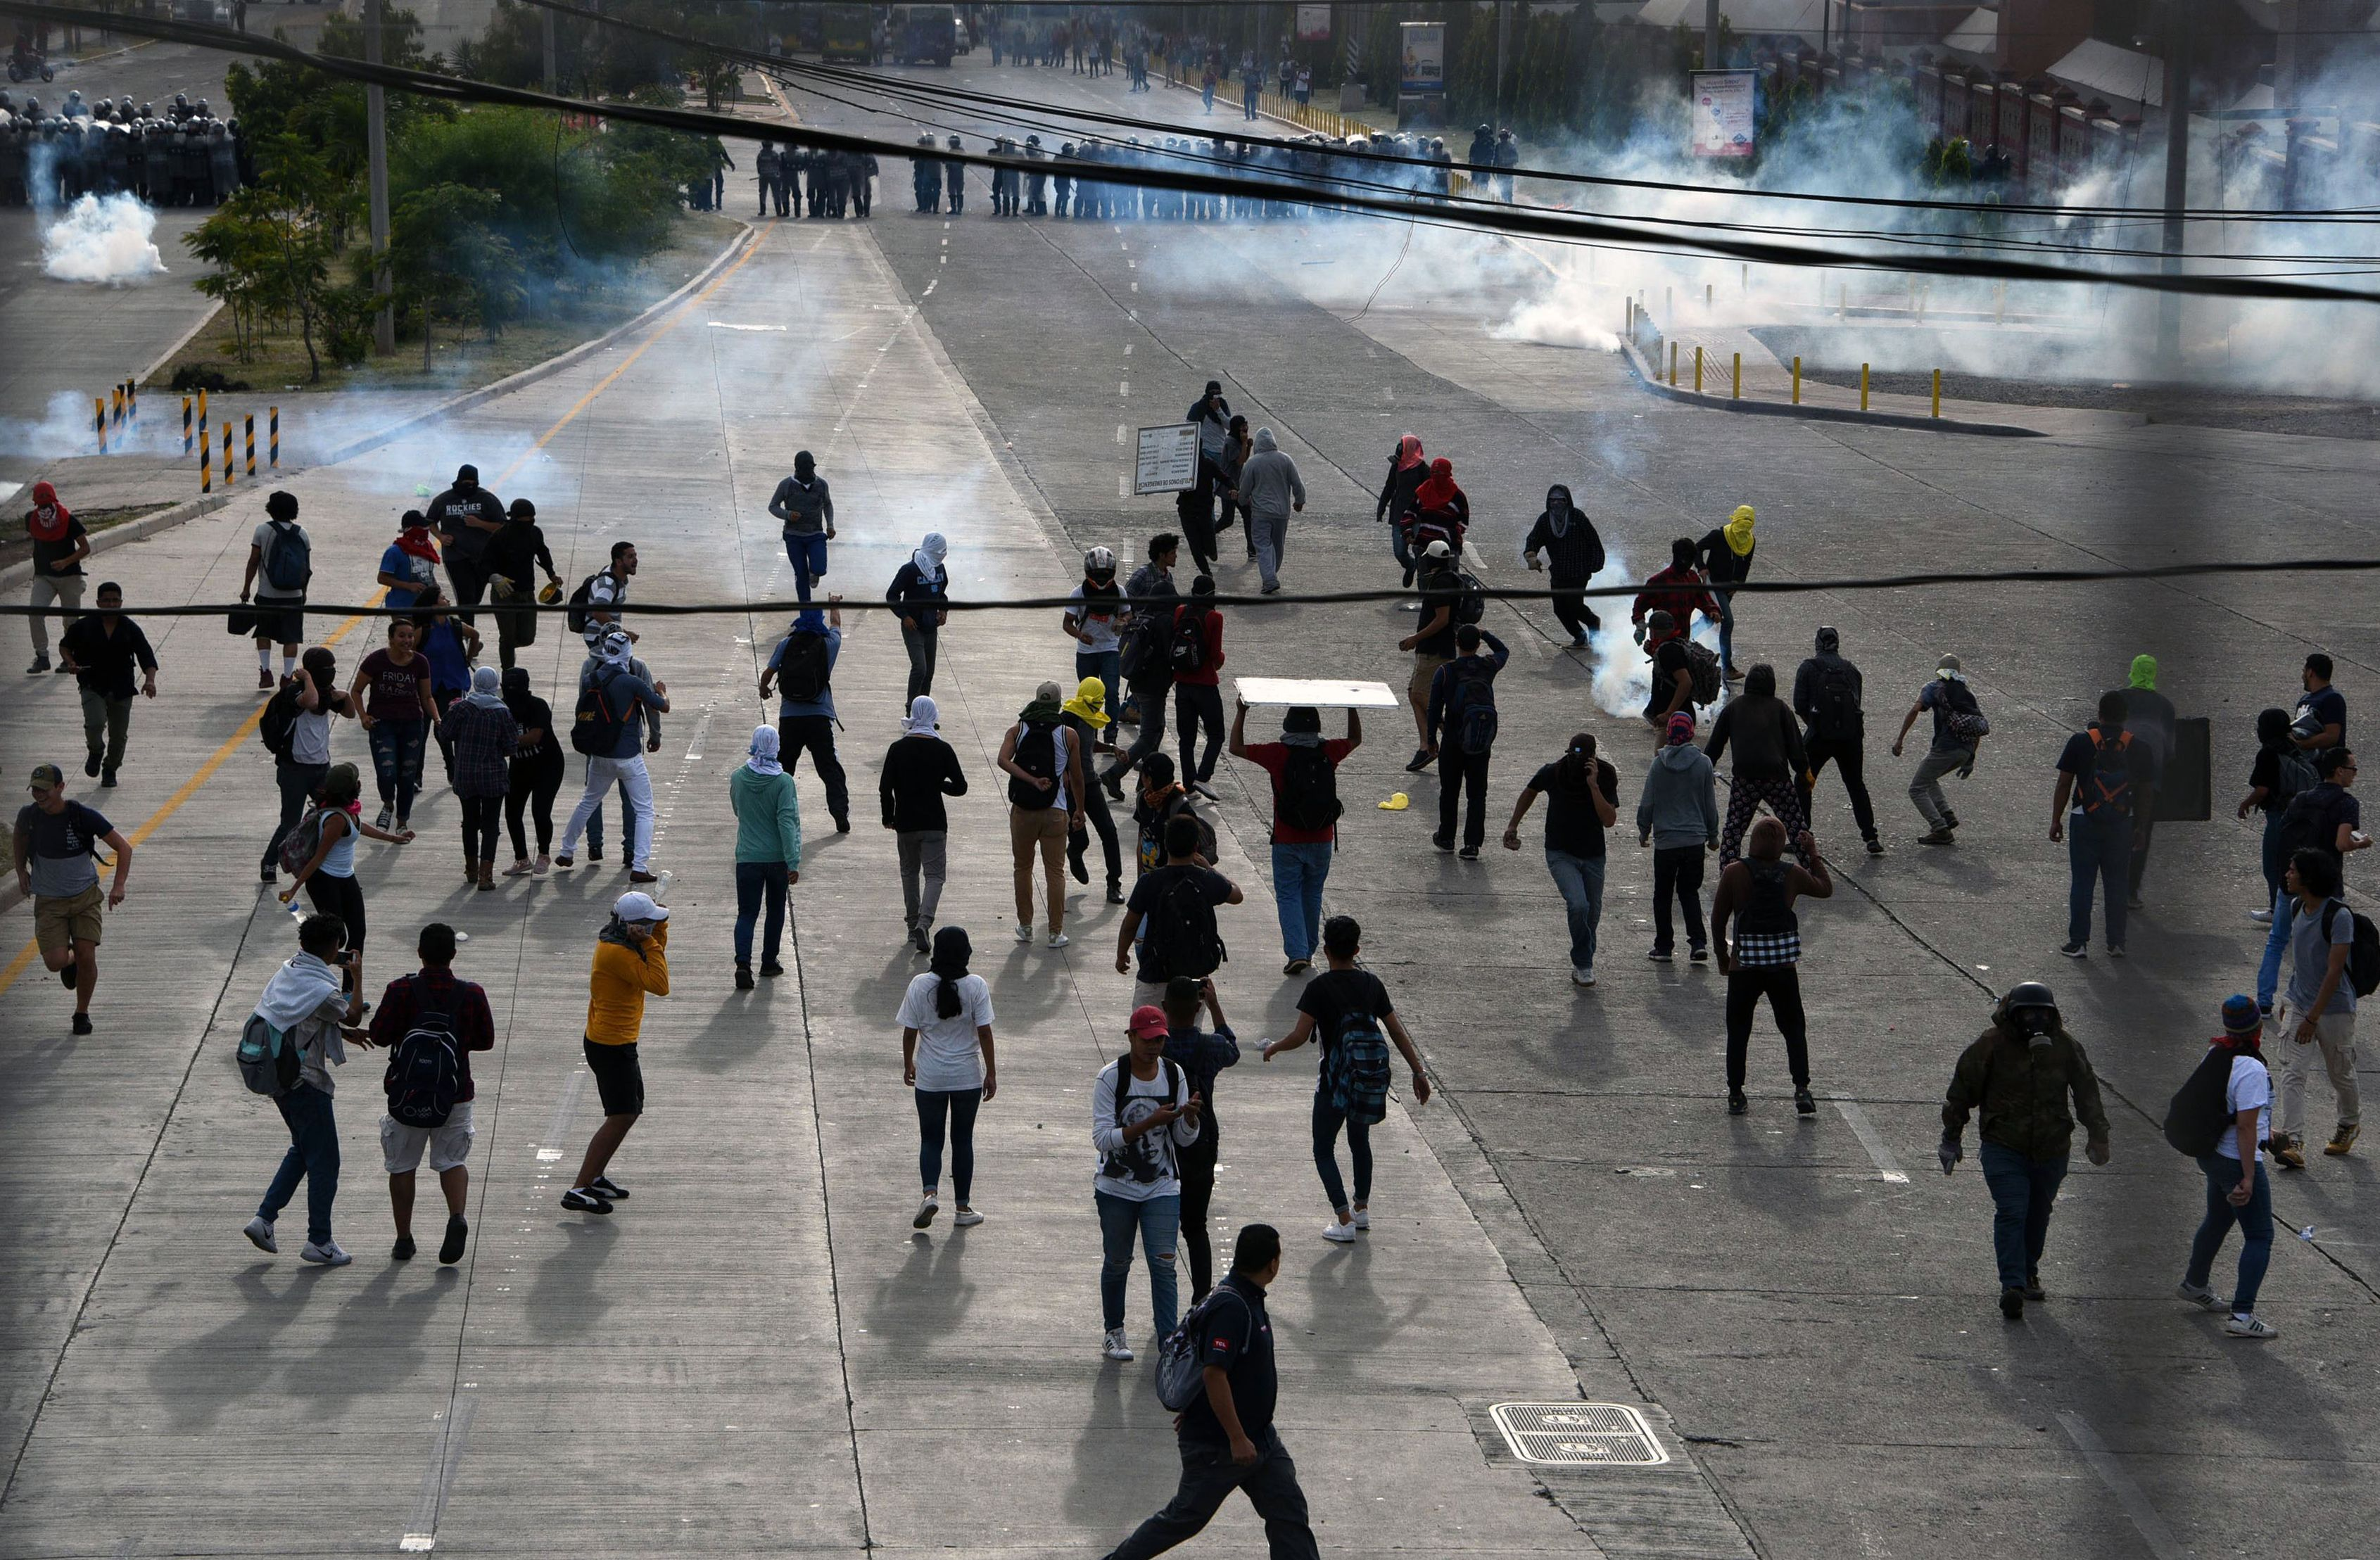 اطلاق الغاز المسيل للدموع